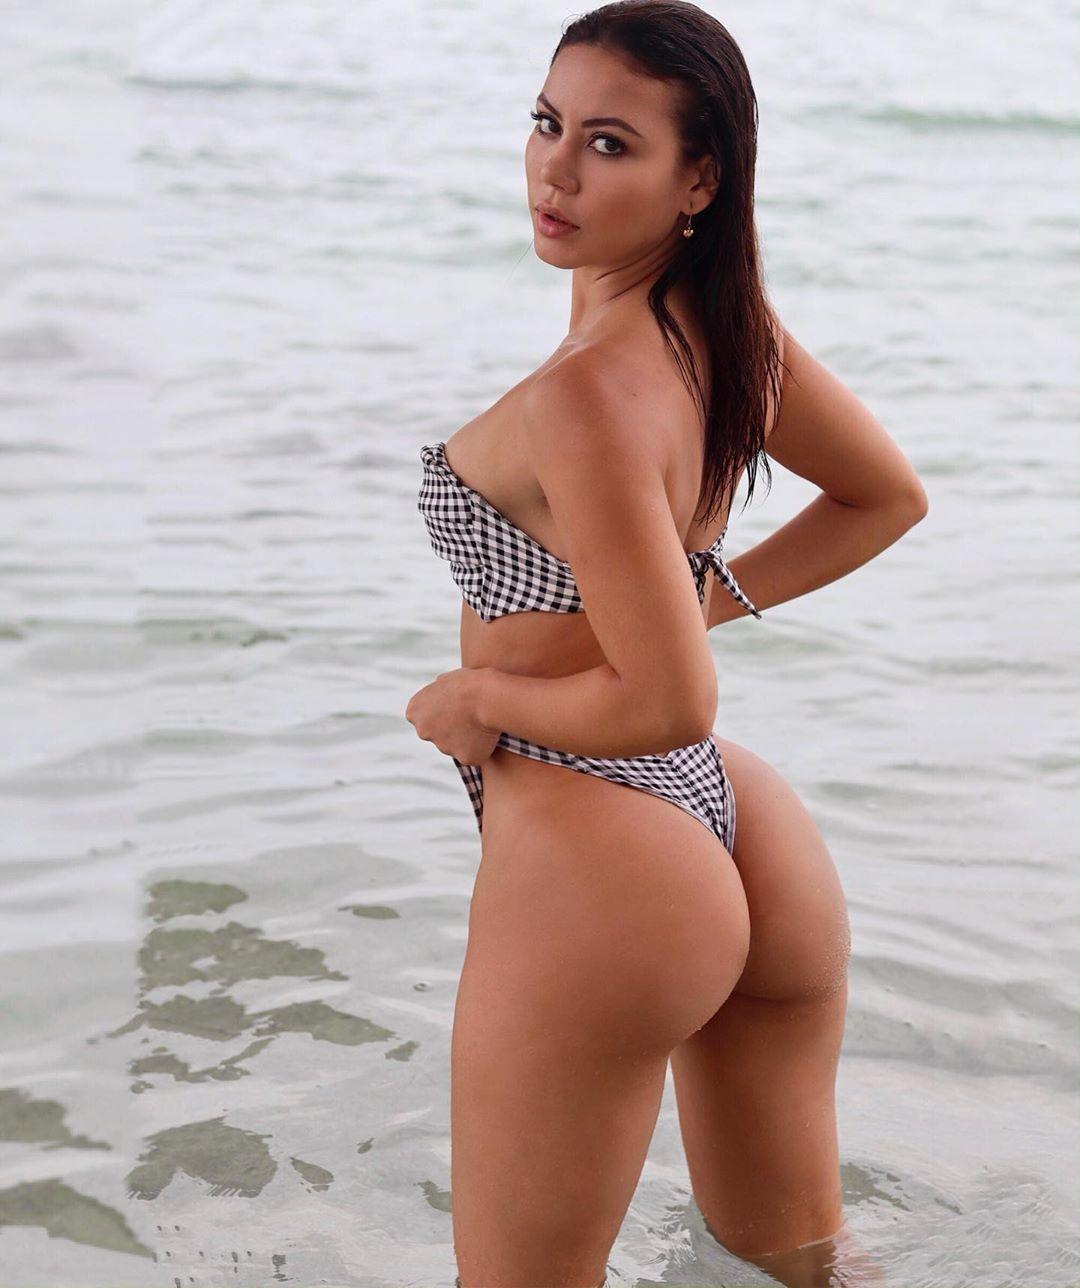 Alejandra Pineda Nude Leaked Videos and Alejapineda1 Naked Pics! 88